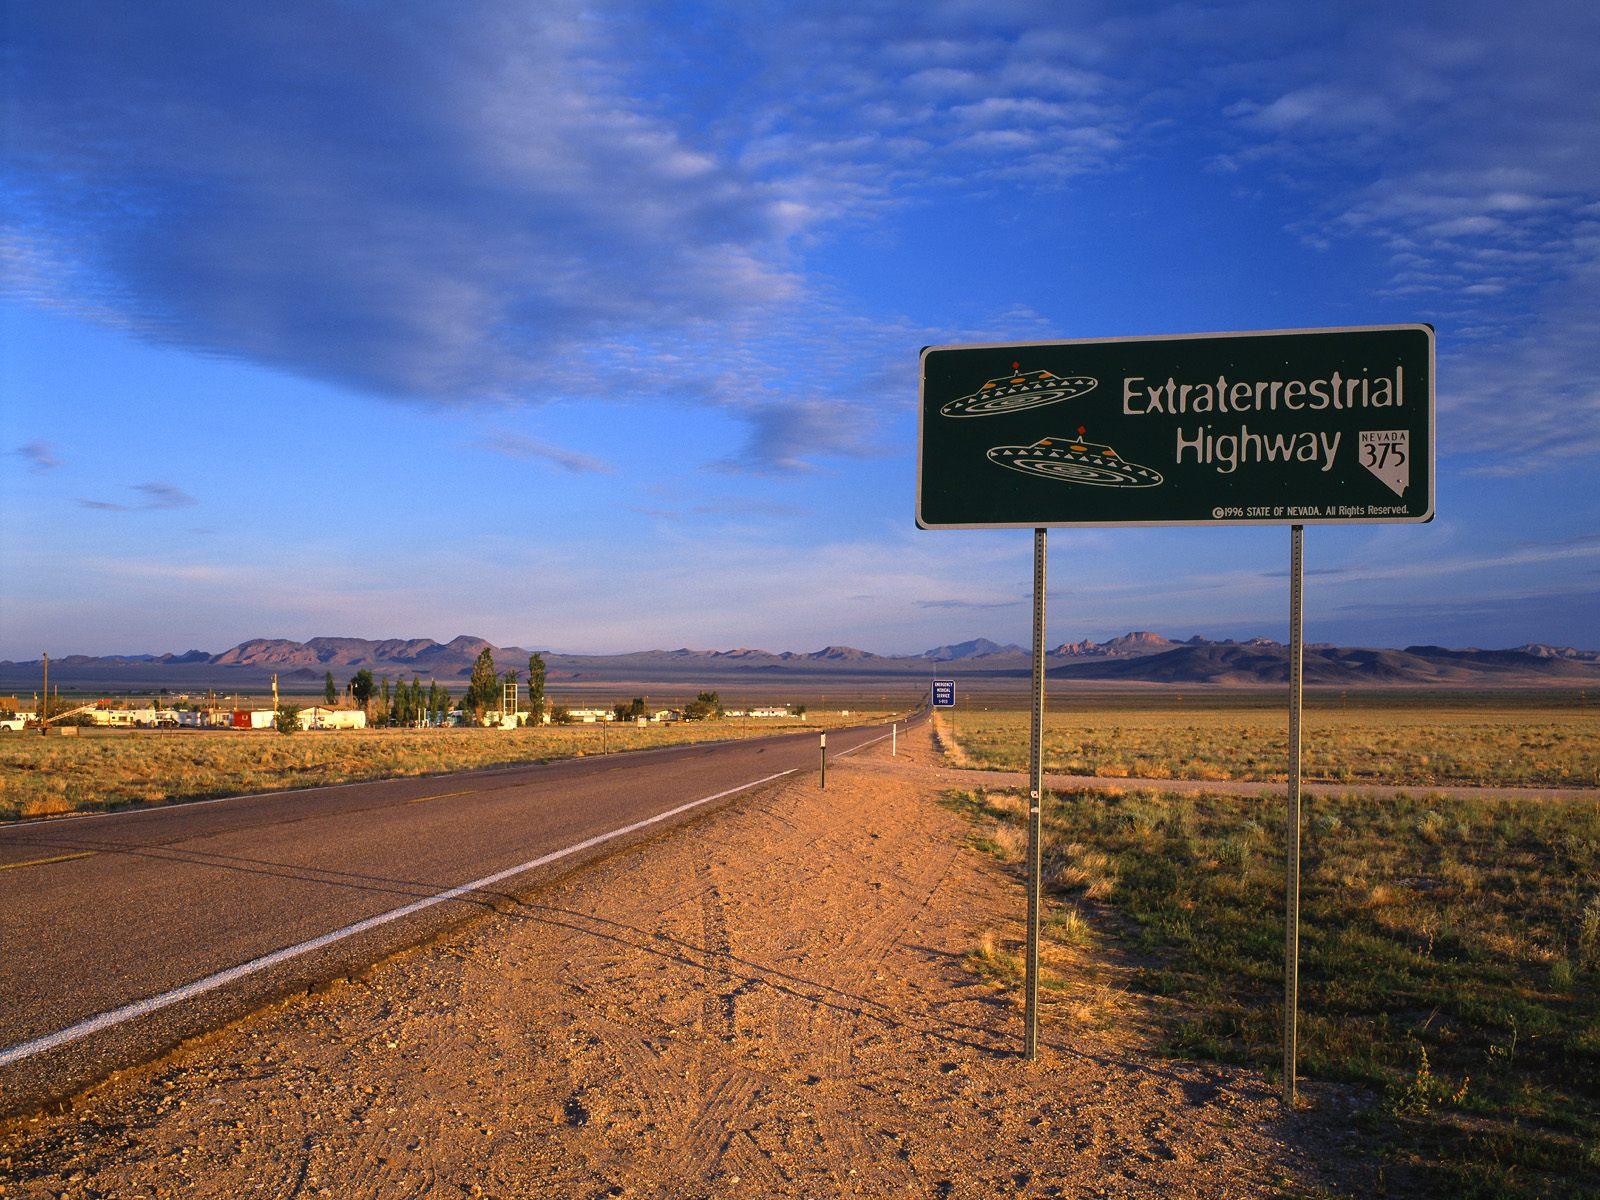 The ET Highway Rachel Nevada